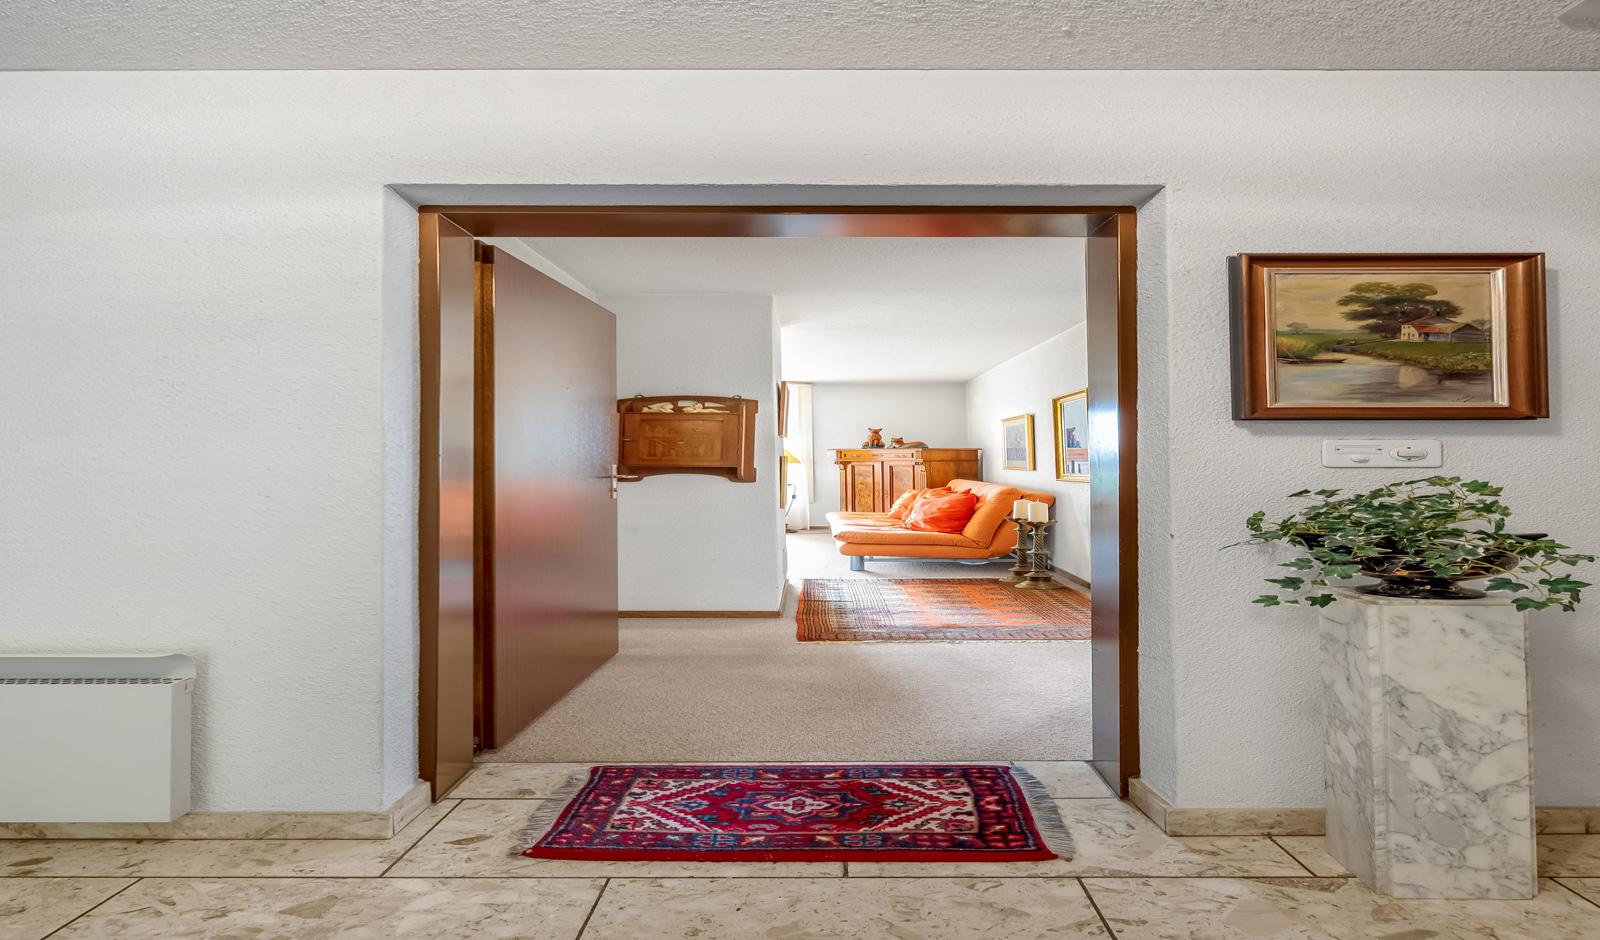 Charmante 2½-Zimmer-Wohnung mit Blick in die Berge